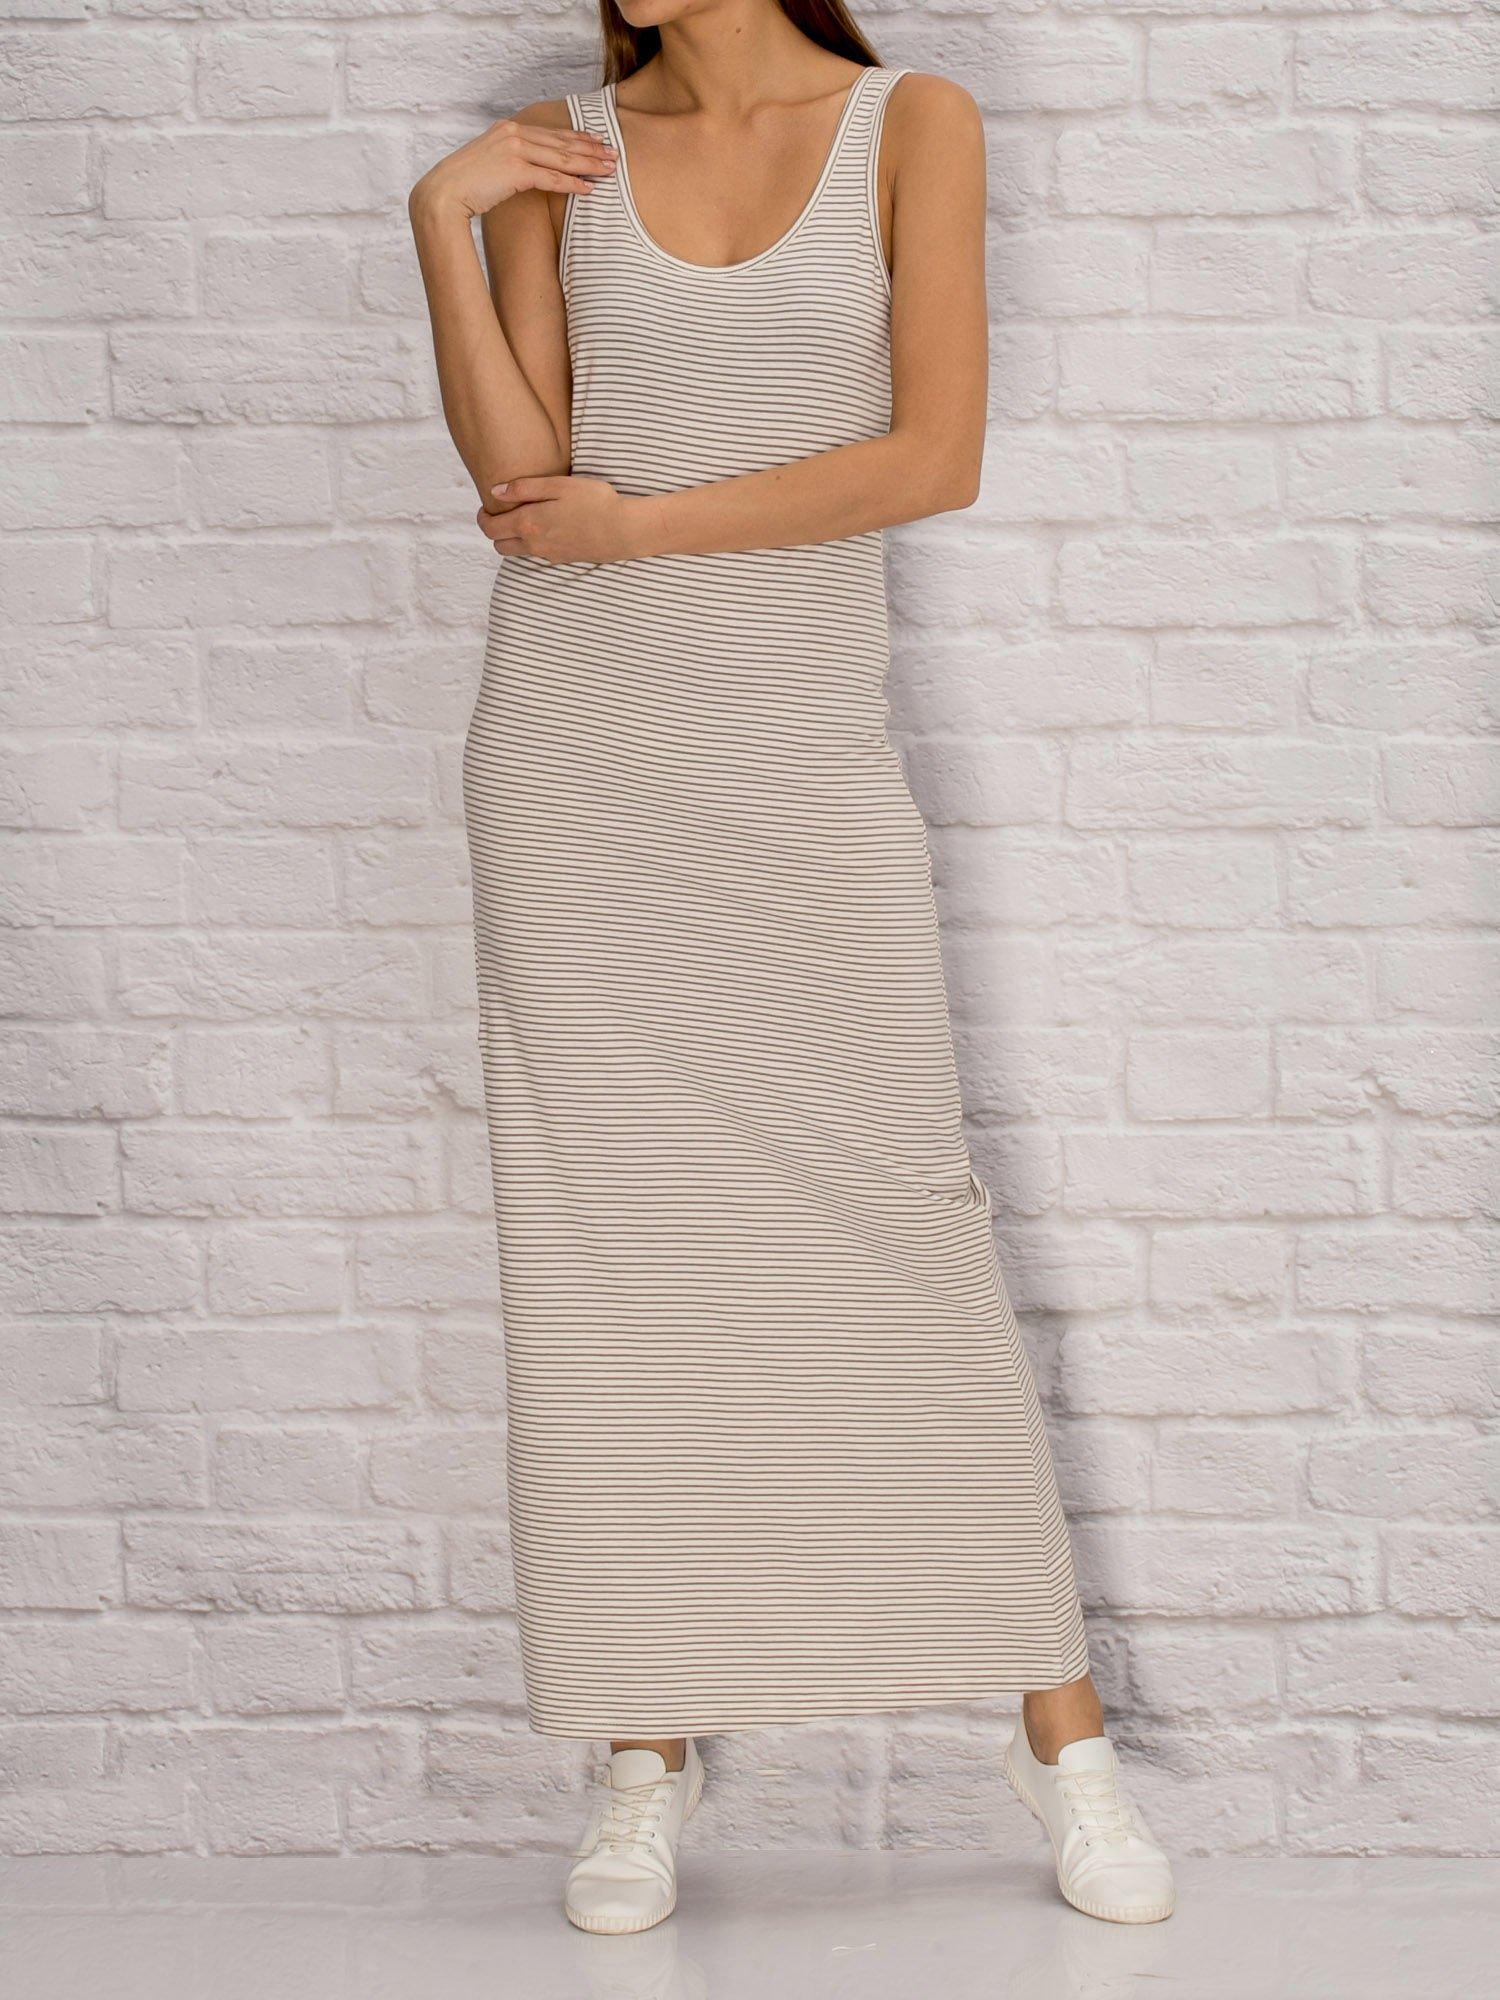 c2e37cb21d YUPS Ecru długa sukienka letnia w paski - Sukienka dzianinowa ...